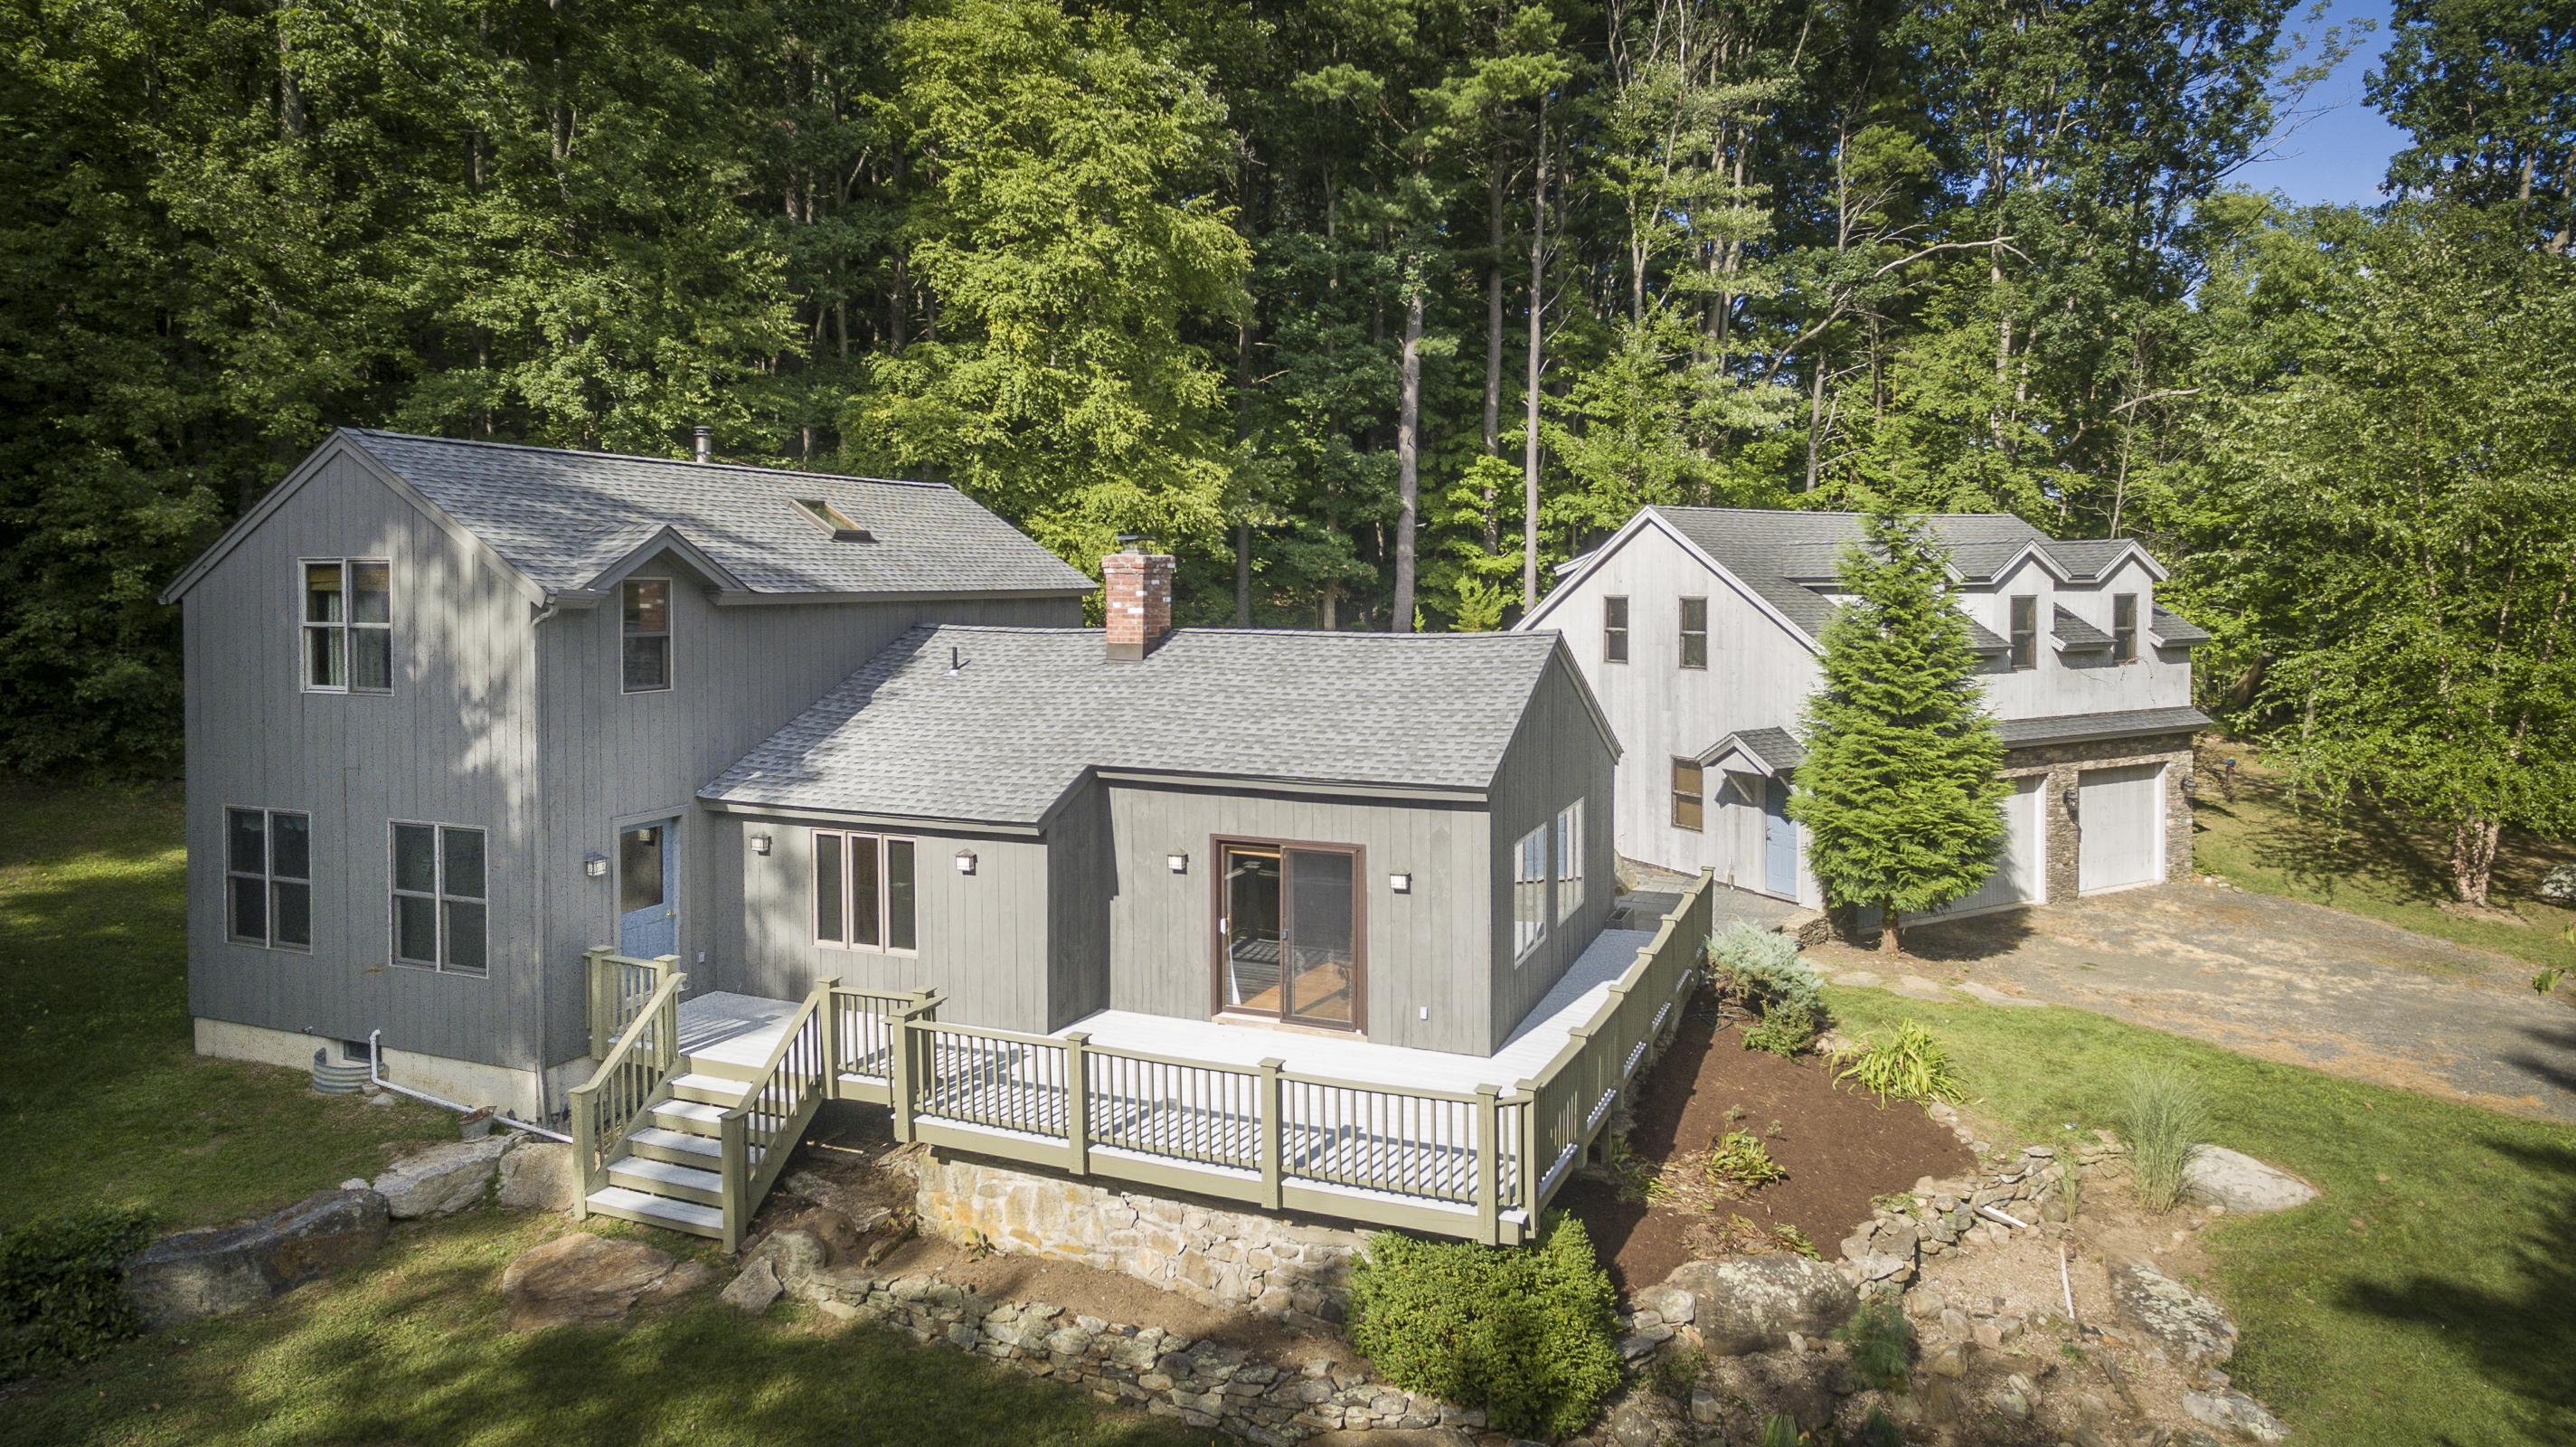 Casa Unifamiliar por un Venta en Cornwall Contemporary 77 Pierce Ln Cornwall, Connecticut, 06796 Estados Unidos